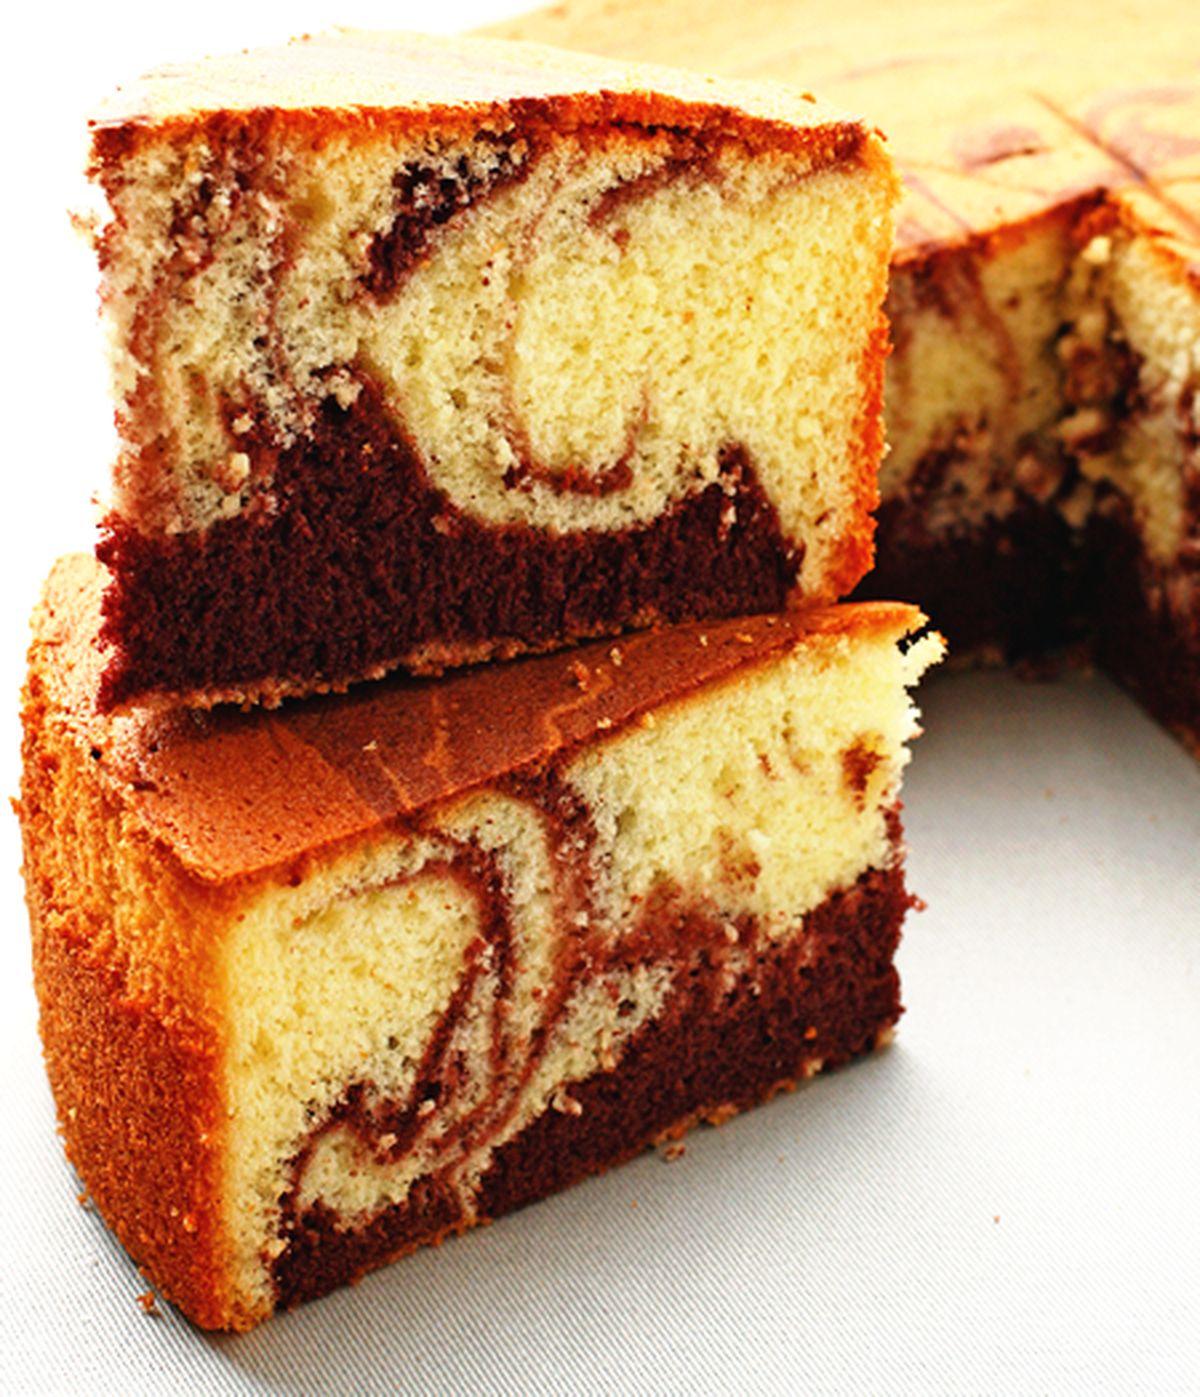 食譜:大理石海綿蛋糕